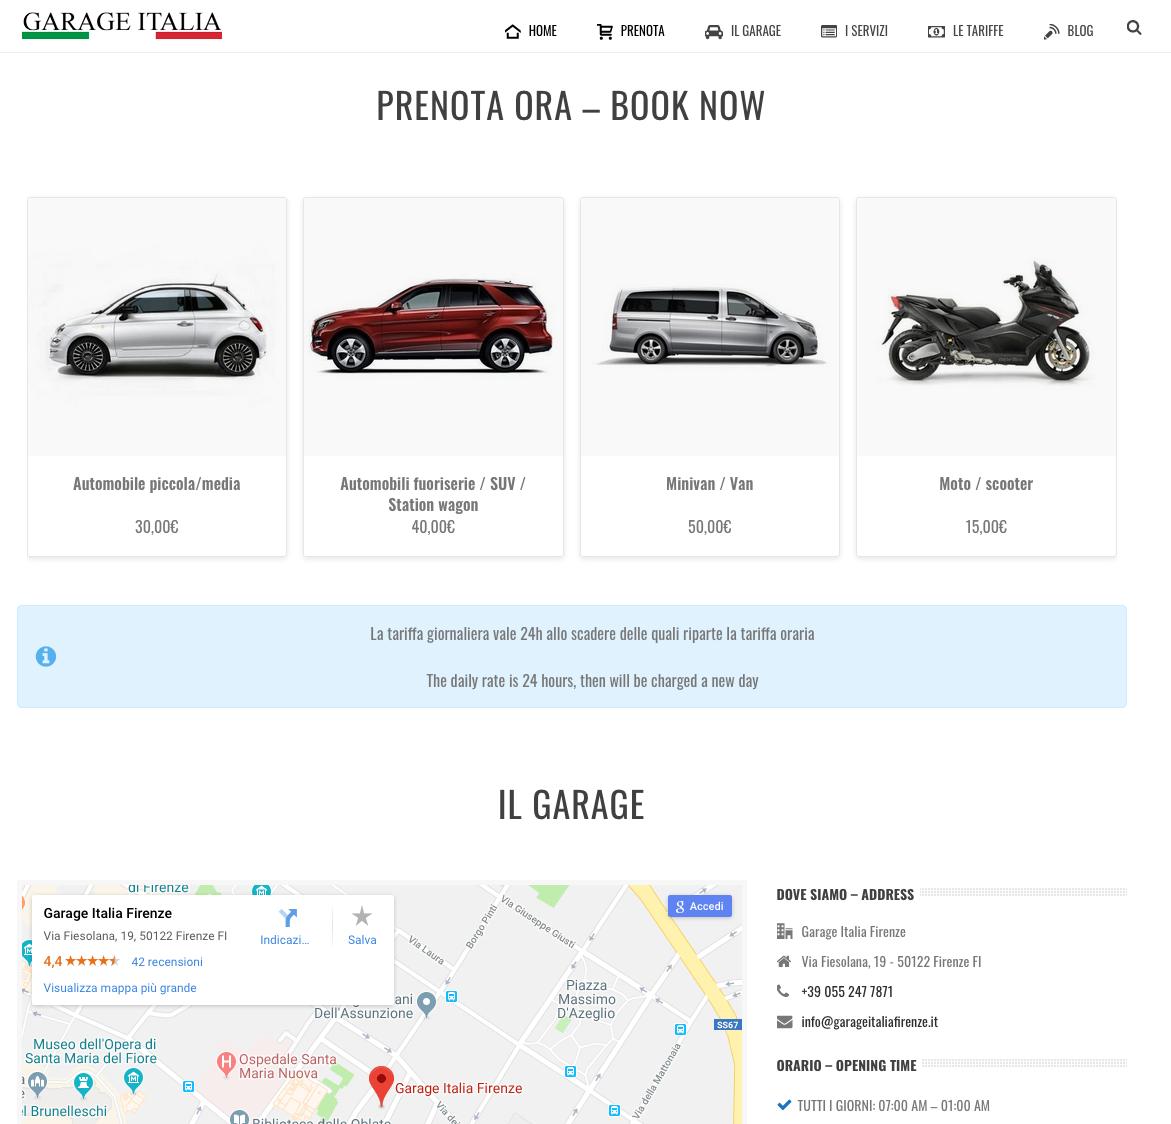 Pubblicato il restyling del sito Garage Italia Firenze - Rebus Multimedia - Lamberto Salucco